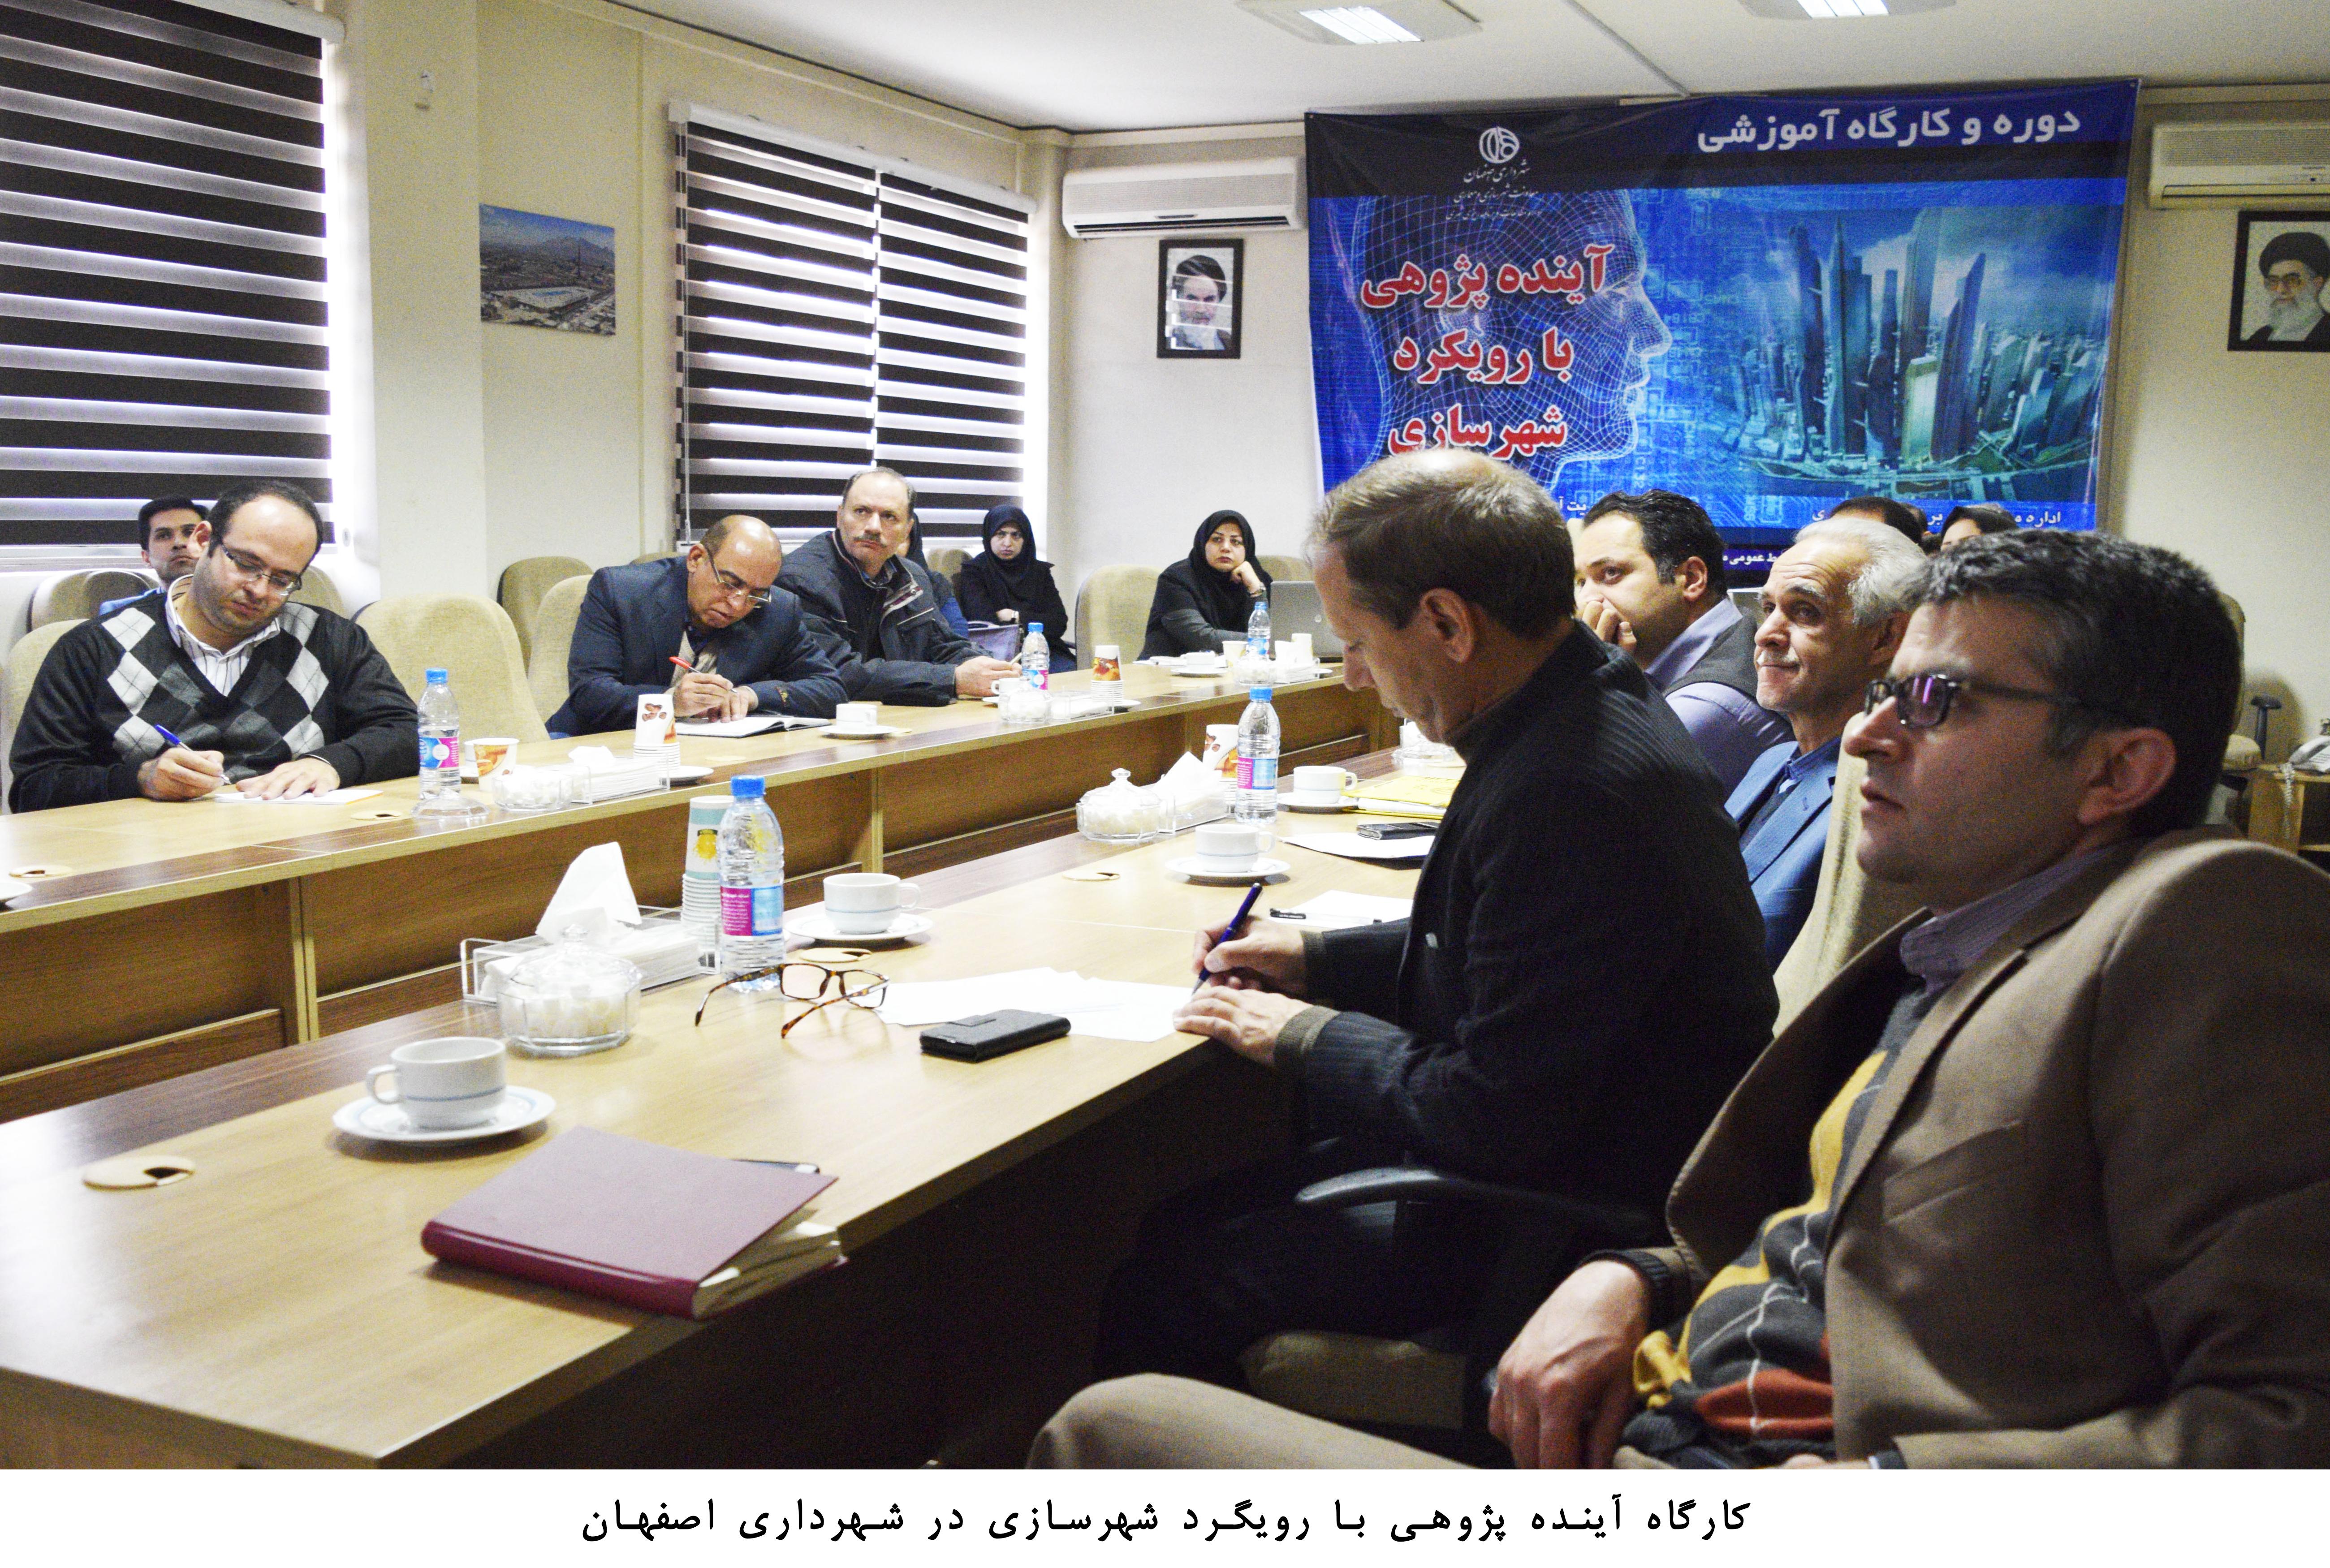 کارگاه آینده پژوهی با رویگرد شهرسازی در شهرداری اصفهان